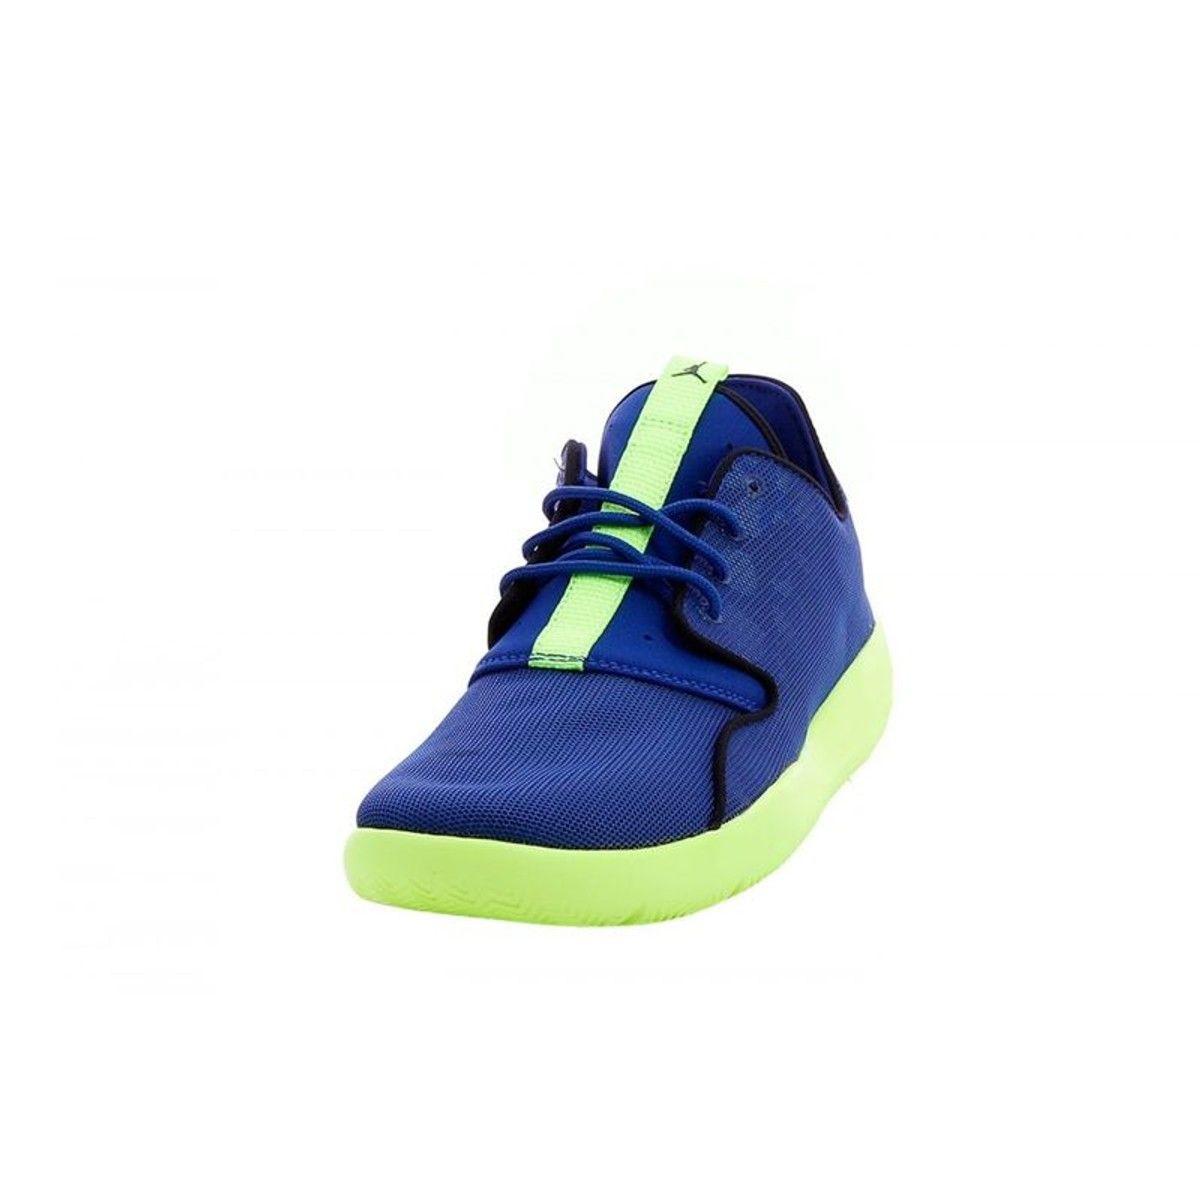 nouveaux styles 0a13c cbc82 Basket Nike Jordan Eclipse (GS) - 724042-406 | Products ...